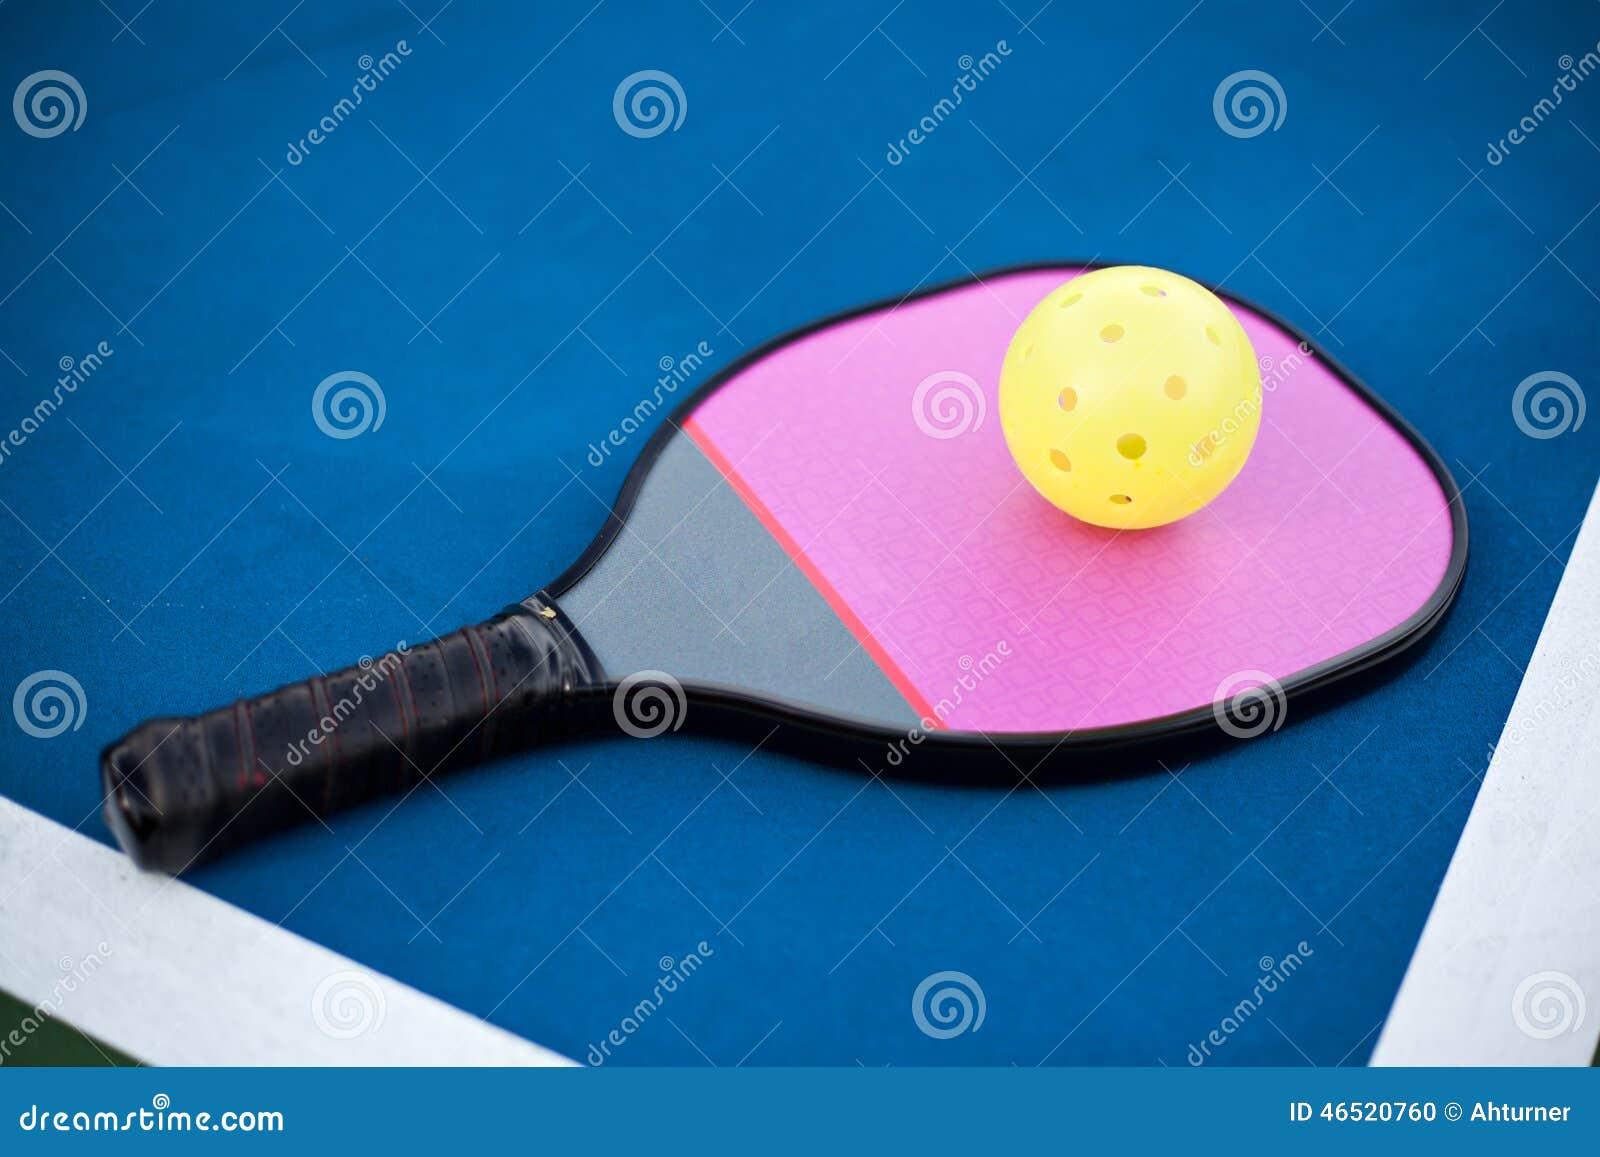 Paleta y bola de Pickleball